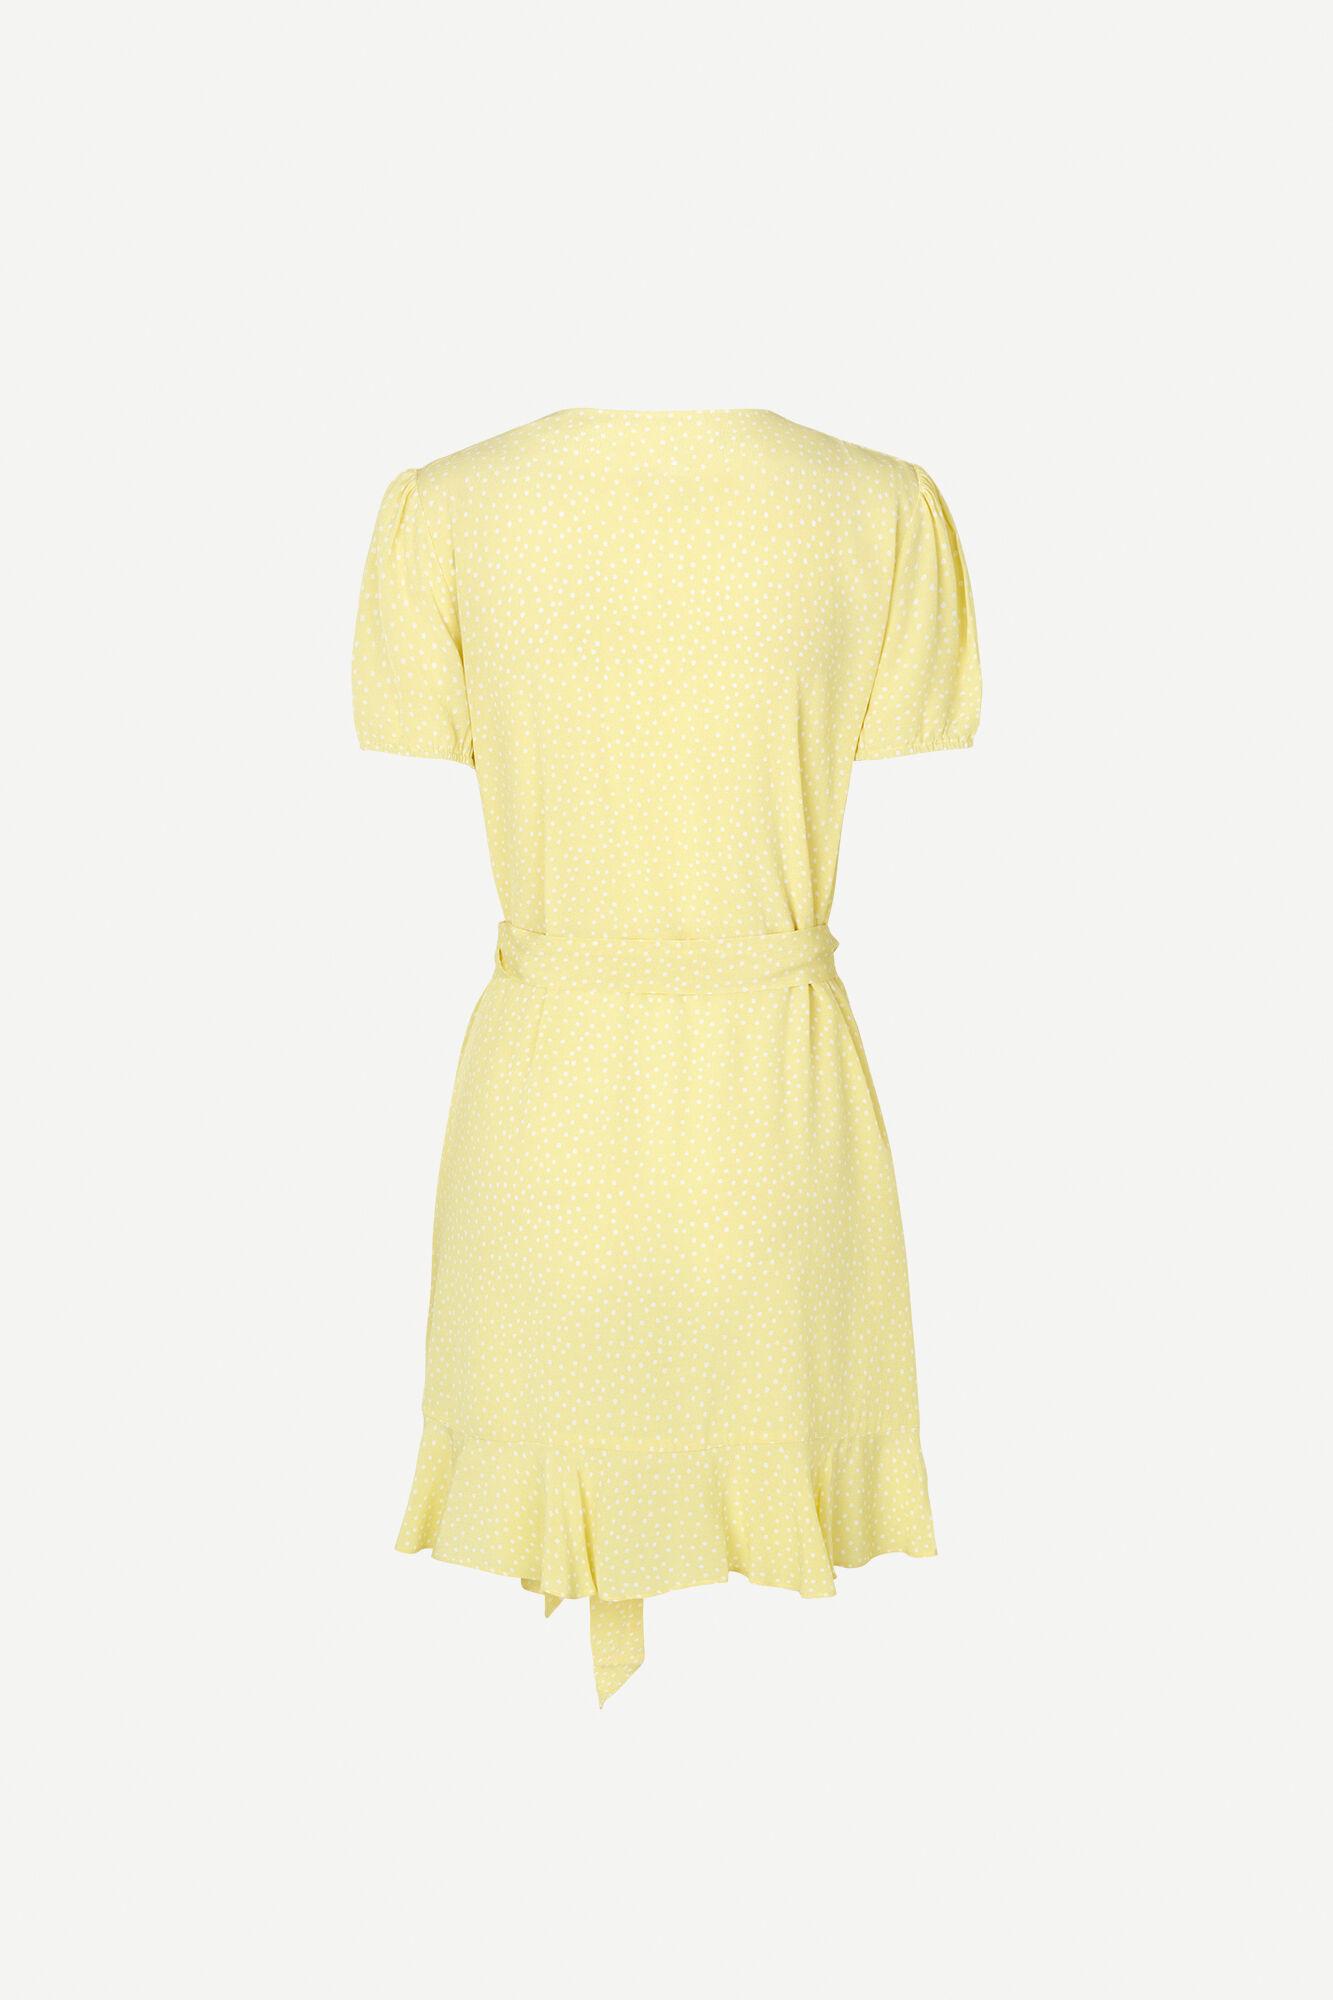 Linetta dress aop 10056, SUMMER DROPS